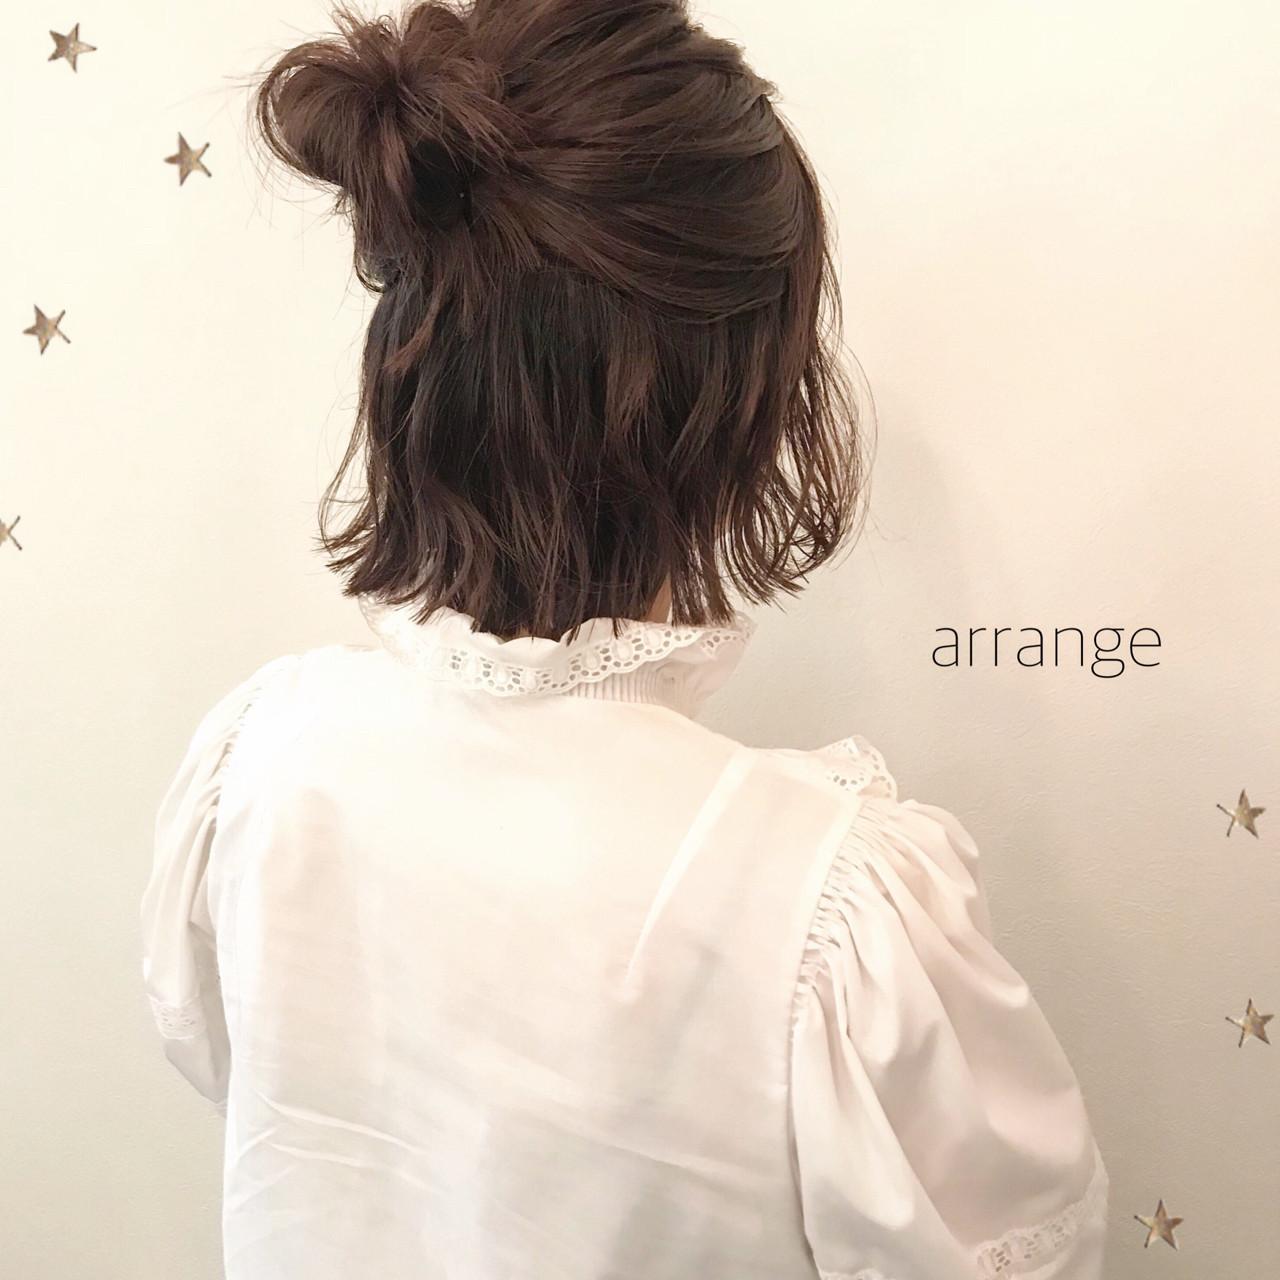 ミディアム ハーフアップ ヘアアレンジ ボブ ヘアスタイルや髪型の写真・画像